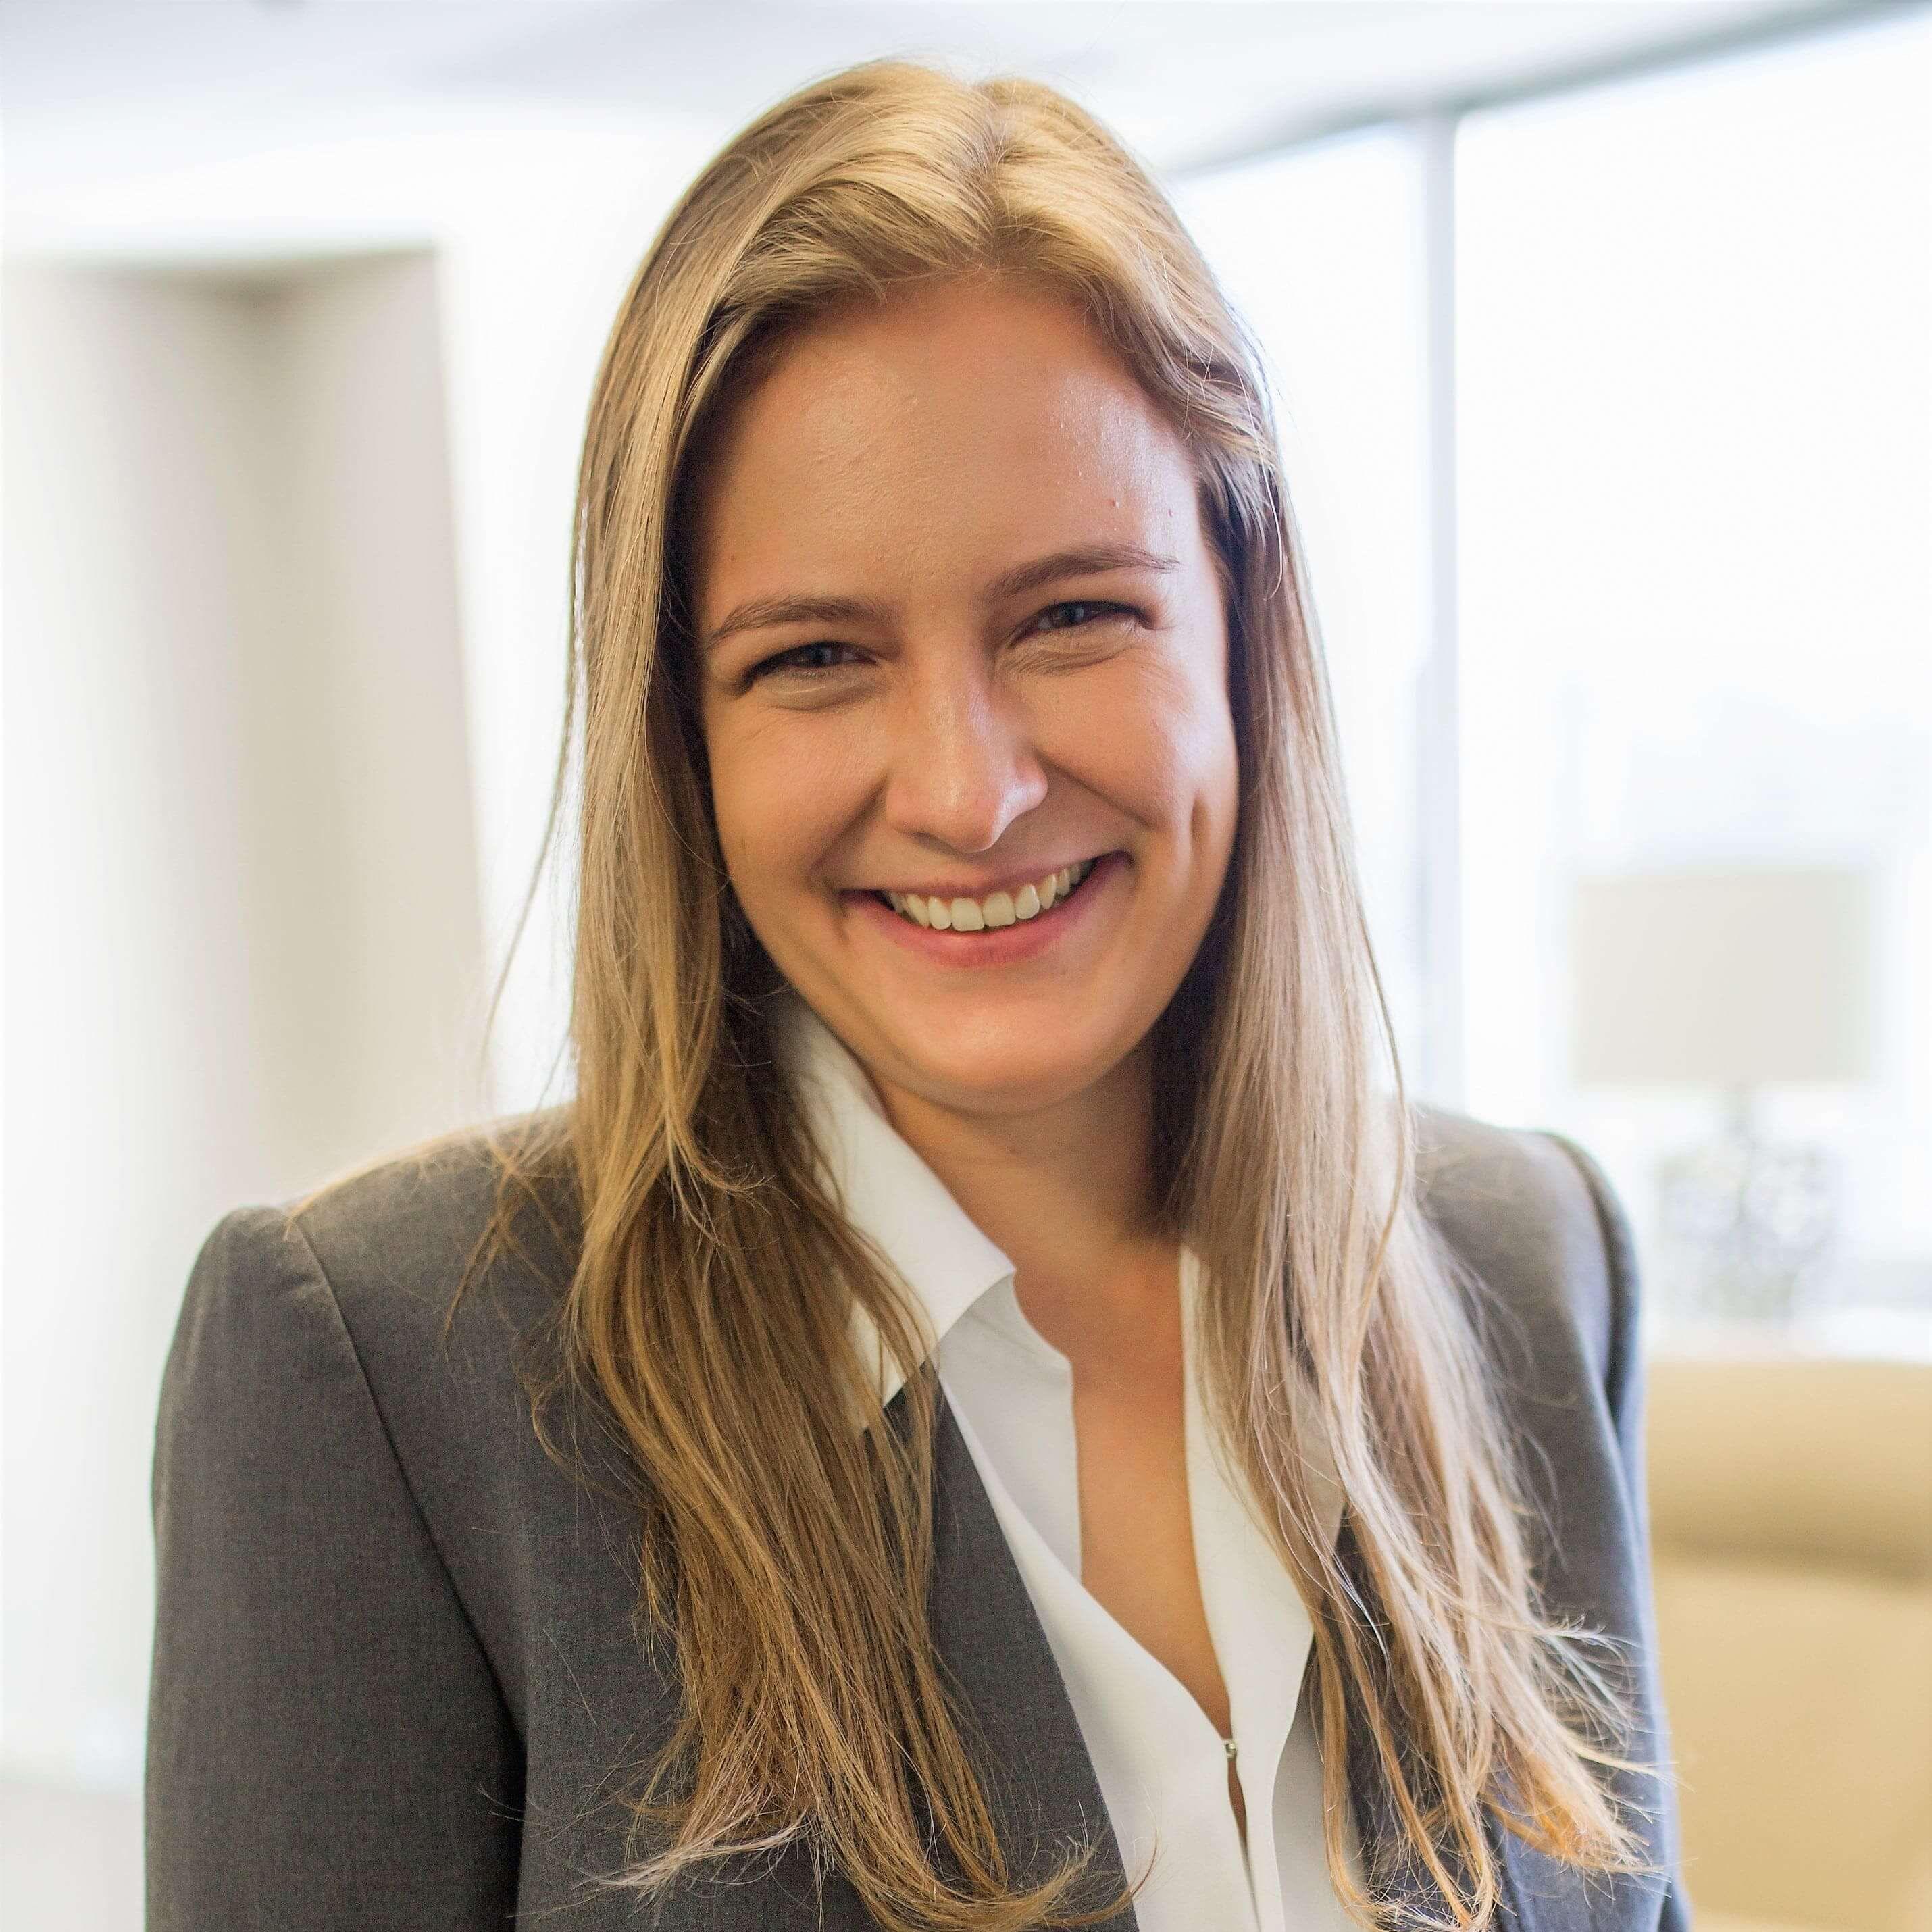 Female Attorney in Ontario - Natalia Bialkowska